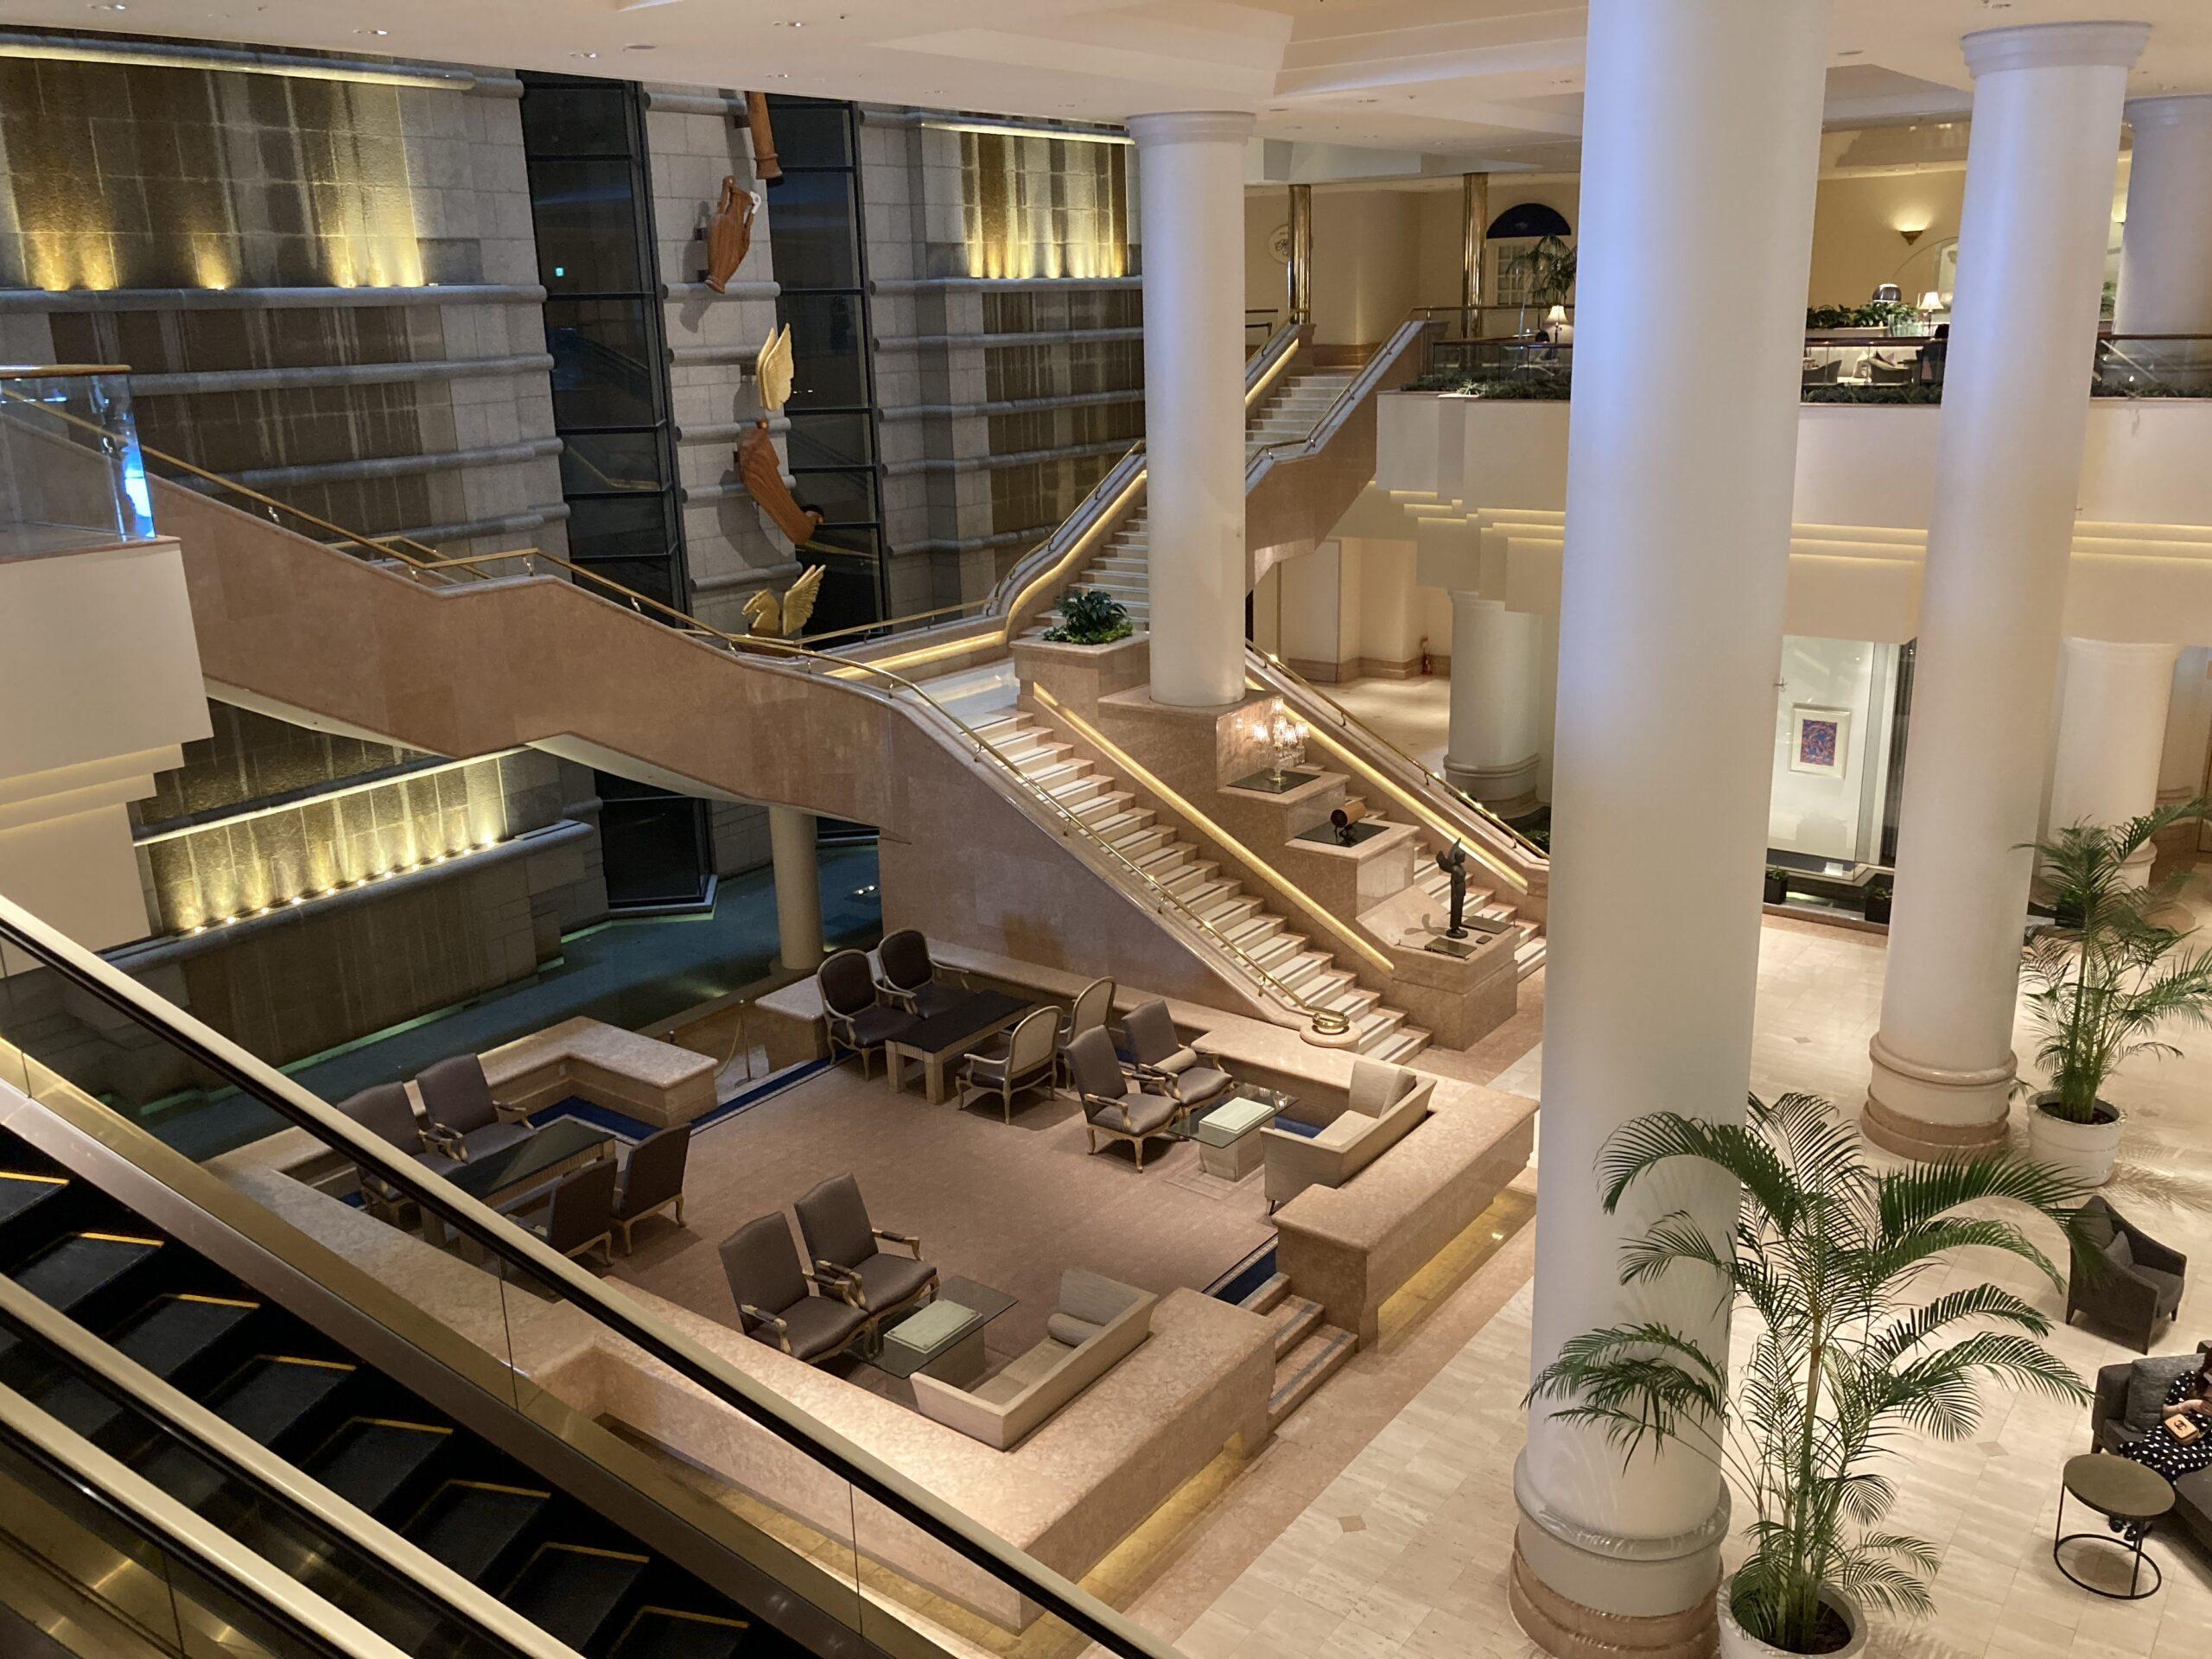 「横浜グランドインターコンチネンタルホテル」ロビーの様子